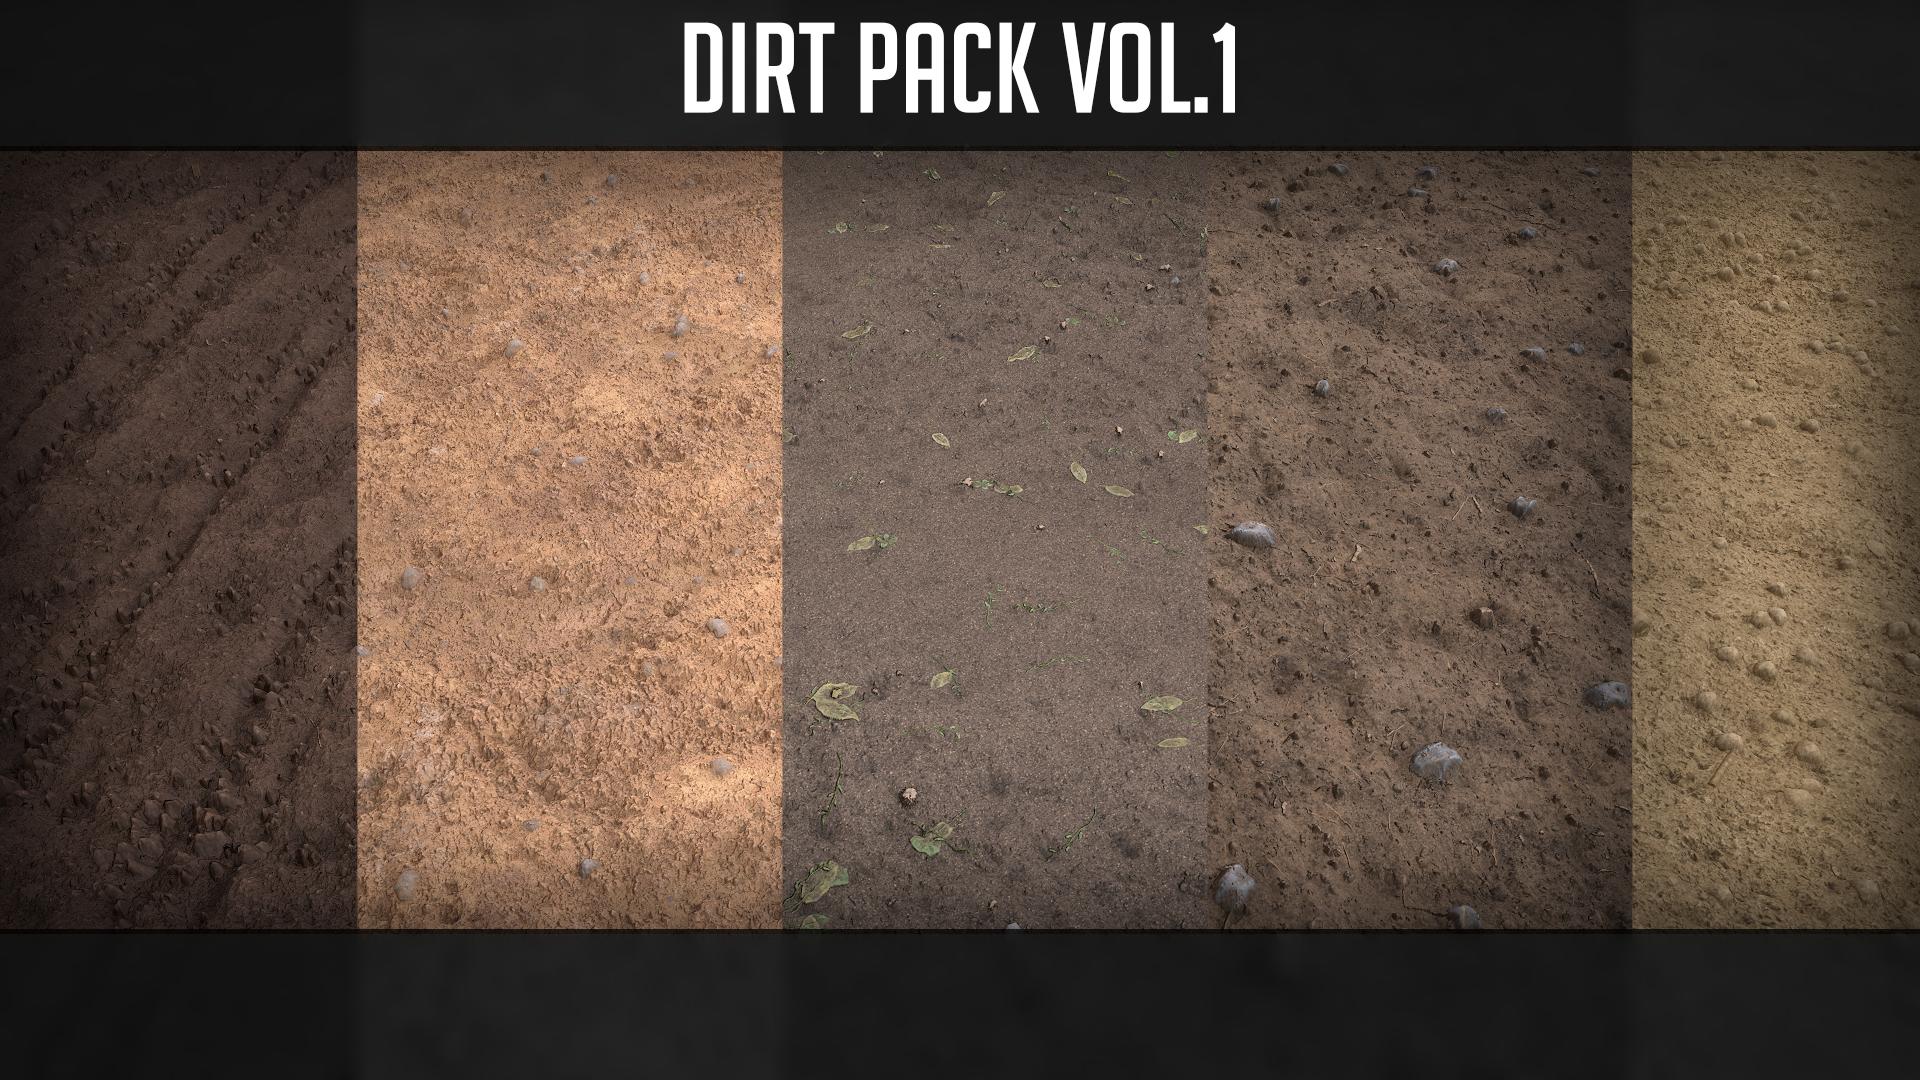 Dirt Pack Vol.1